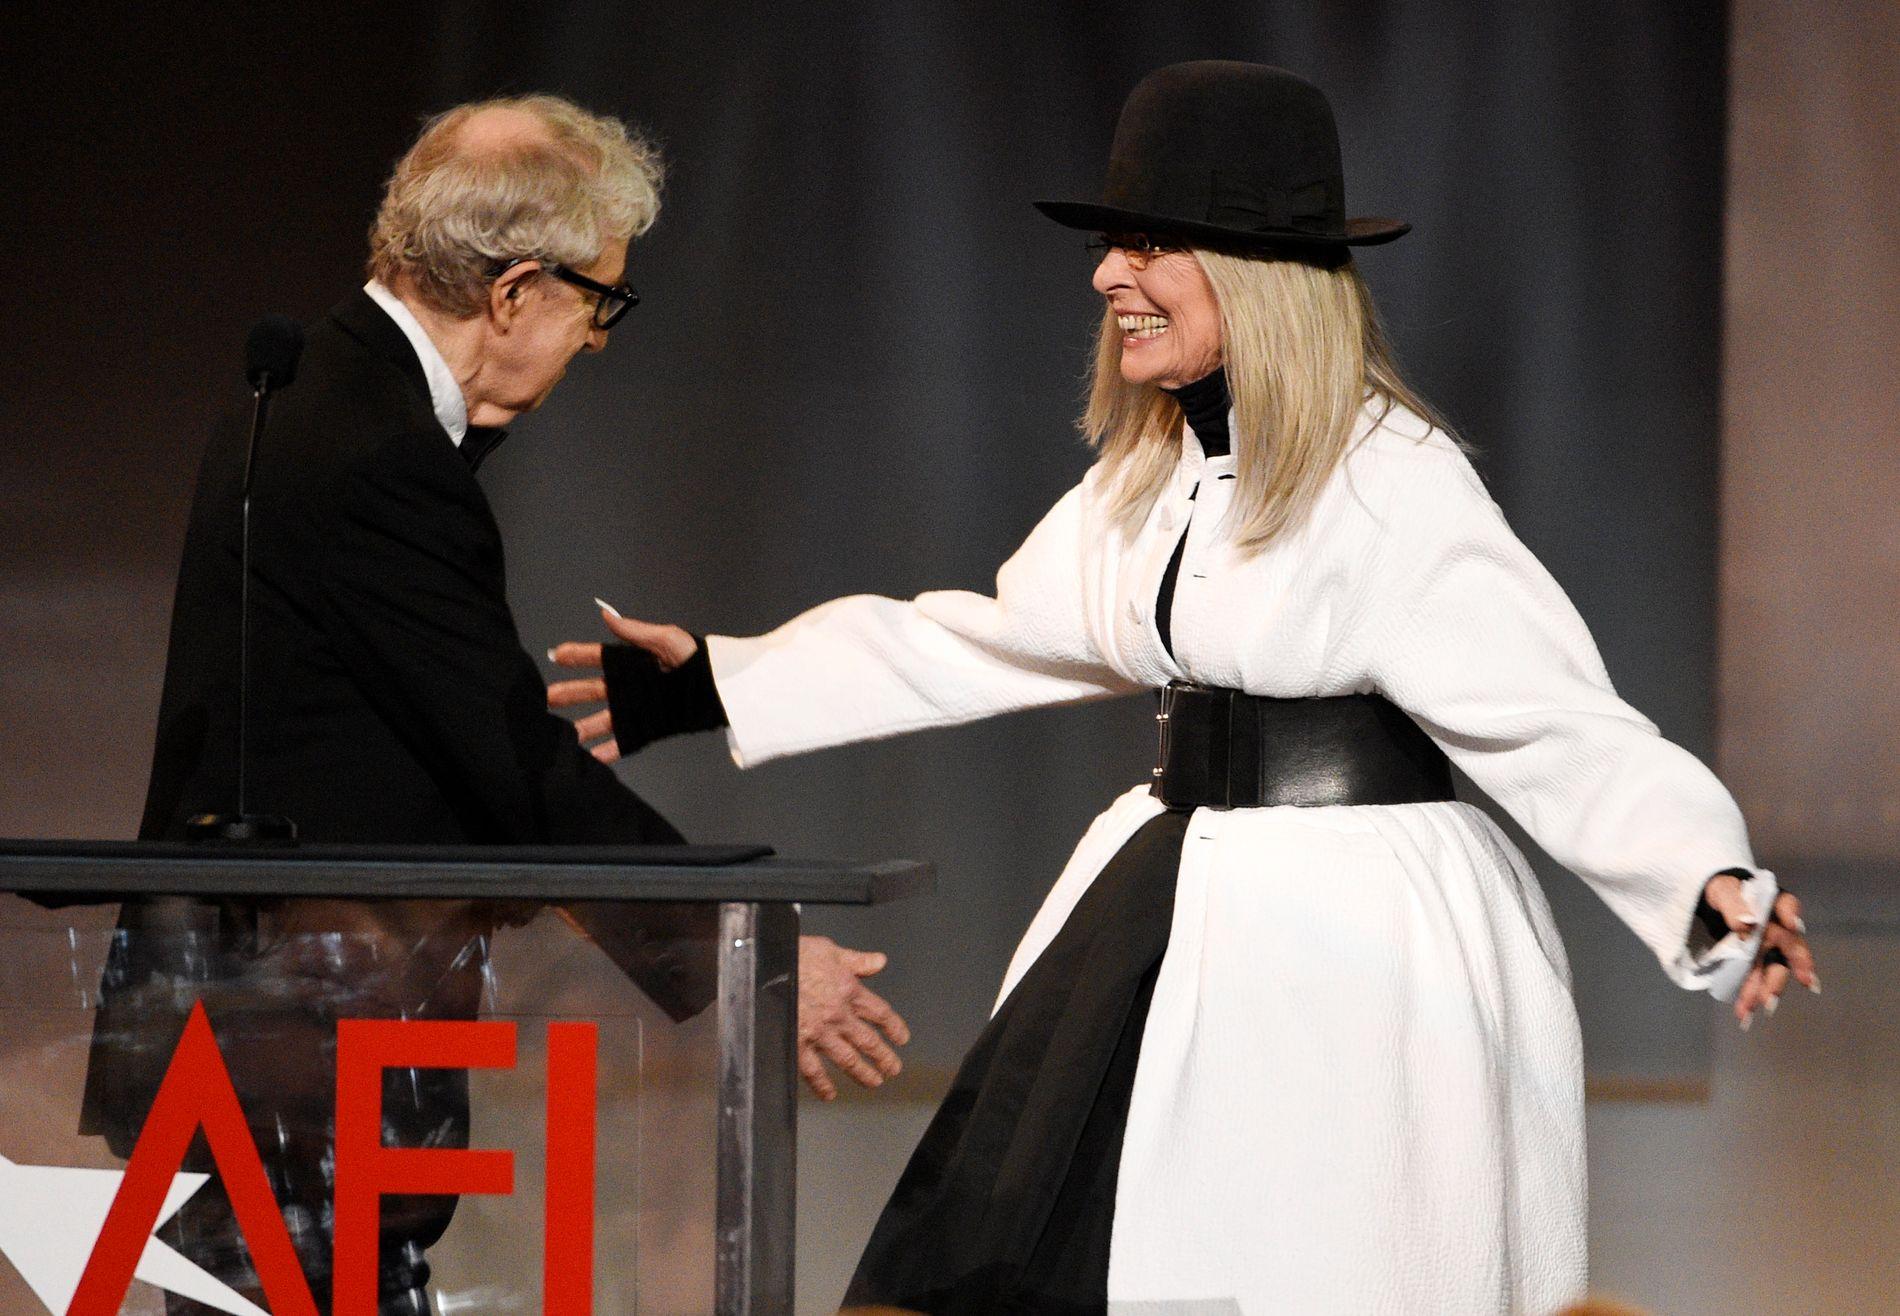 SAMARBEIDSPARTNERE: Skuespiller Diane Keaton har spilt i flere av Woody Allens filmer.